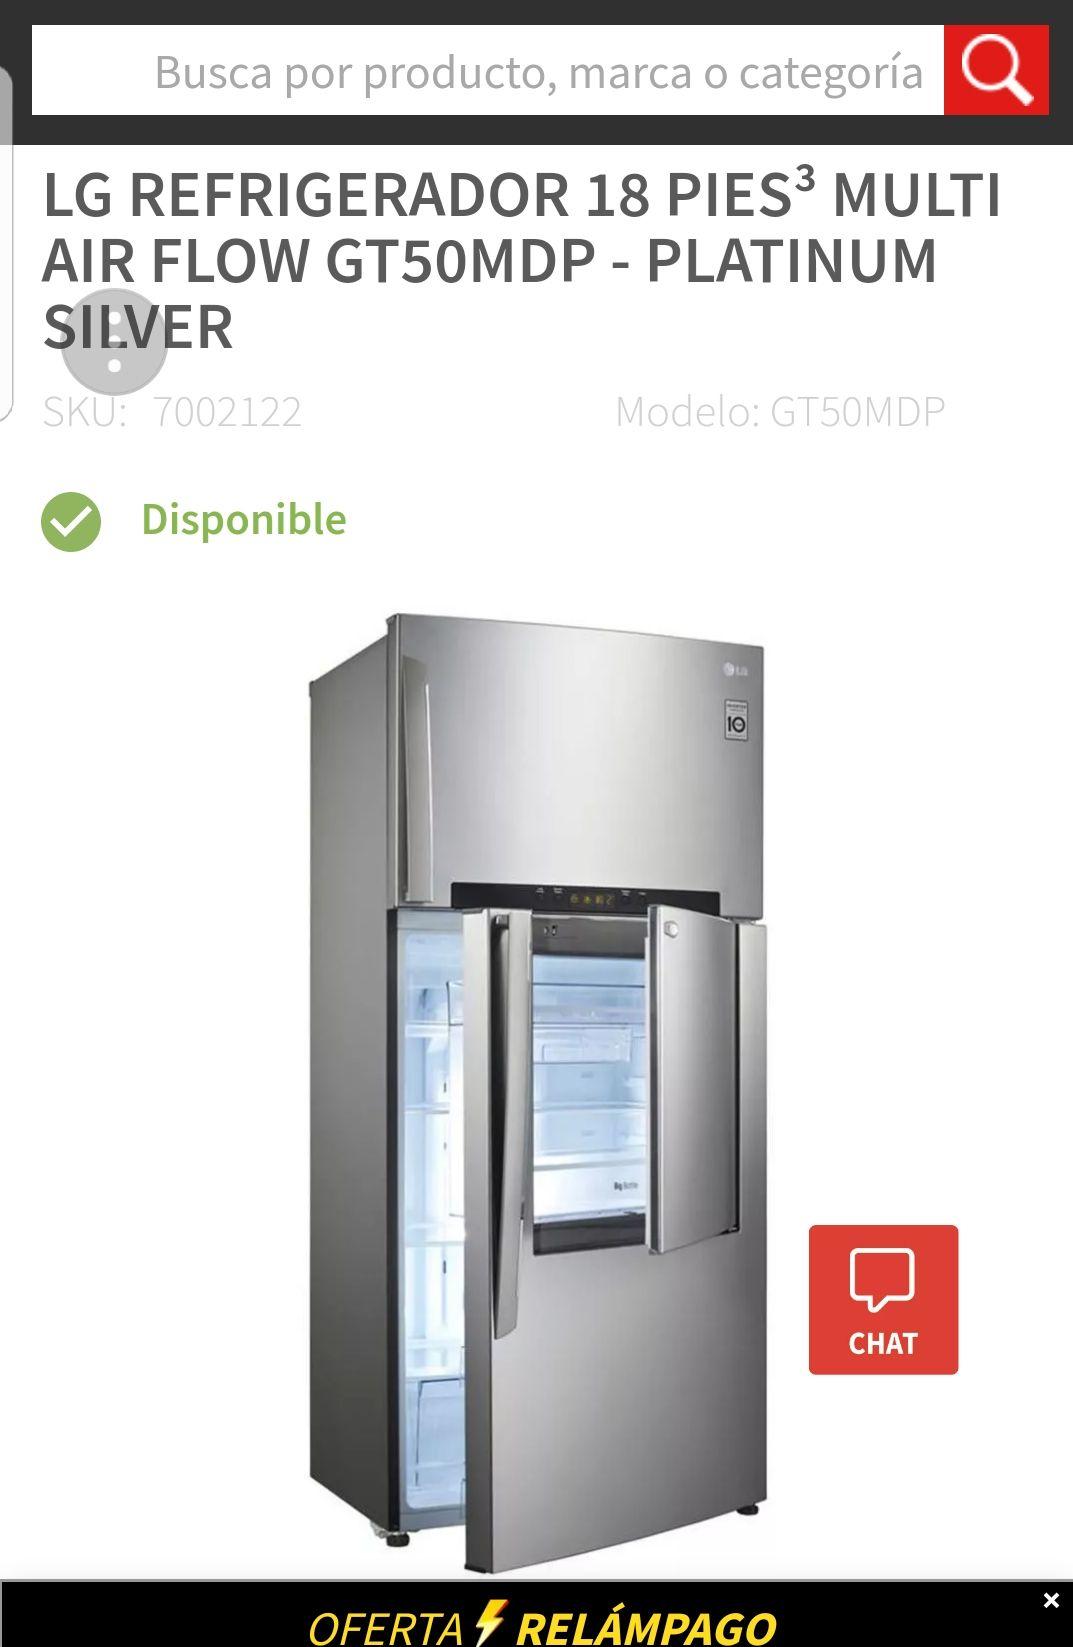 El Buen Fin 2017 en Elektra: Refrigerardor LG 18 pies en oferta relampago